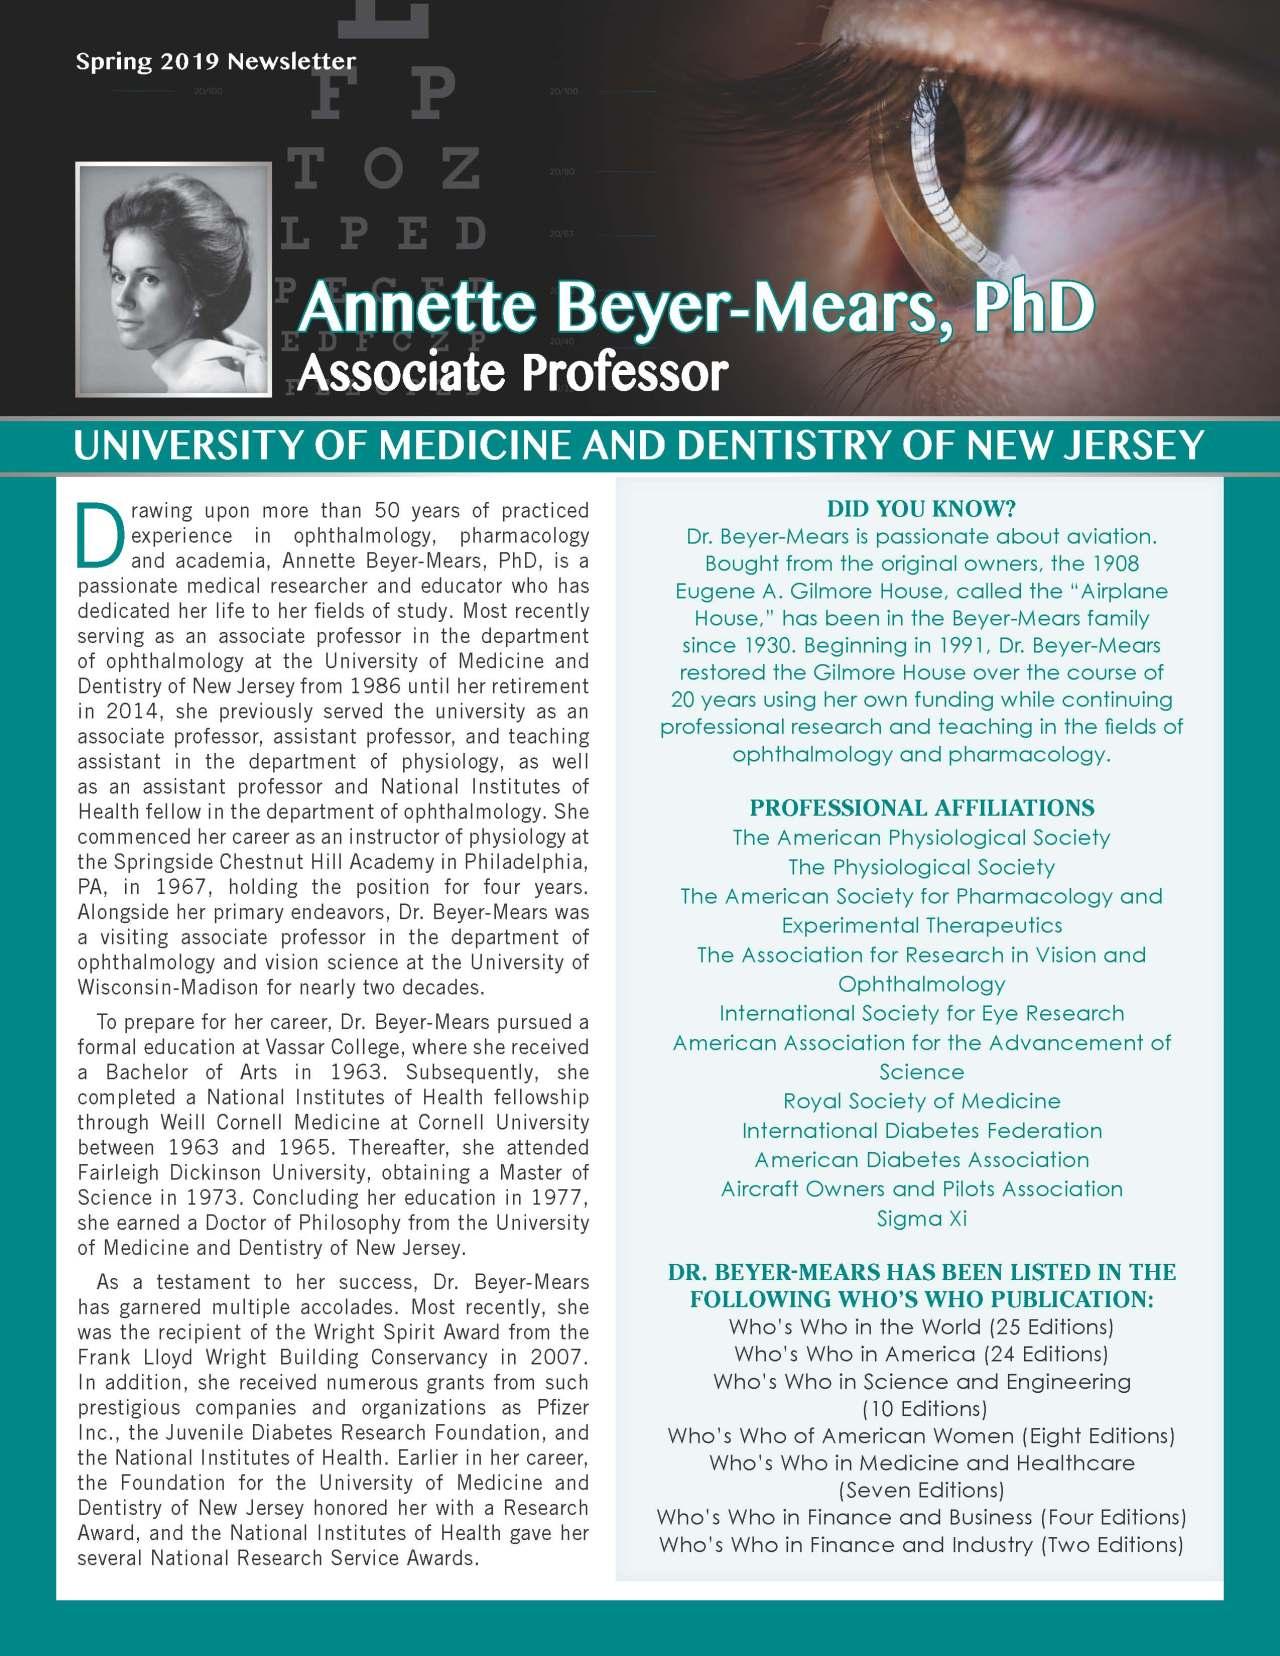 BeyerMears, Annette 2139767_3595477 Newsletter REVISED.jpg